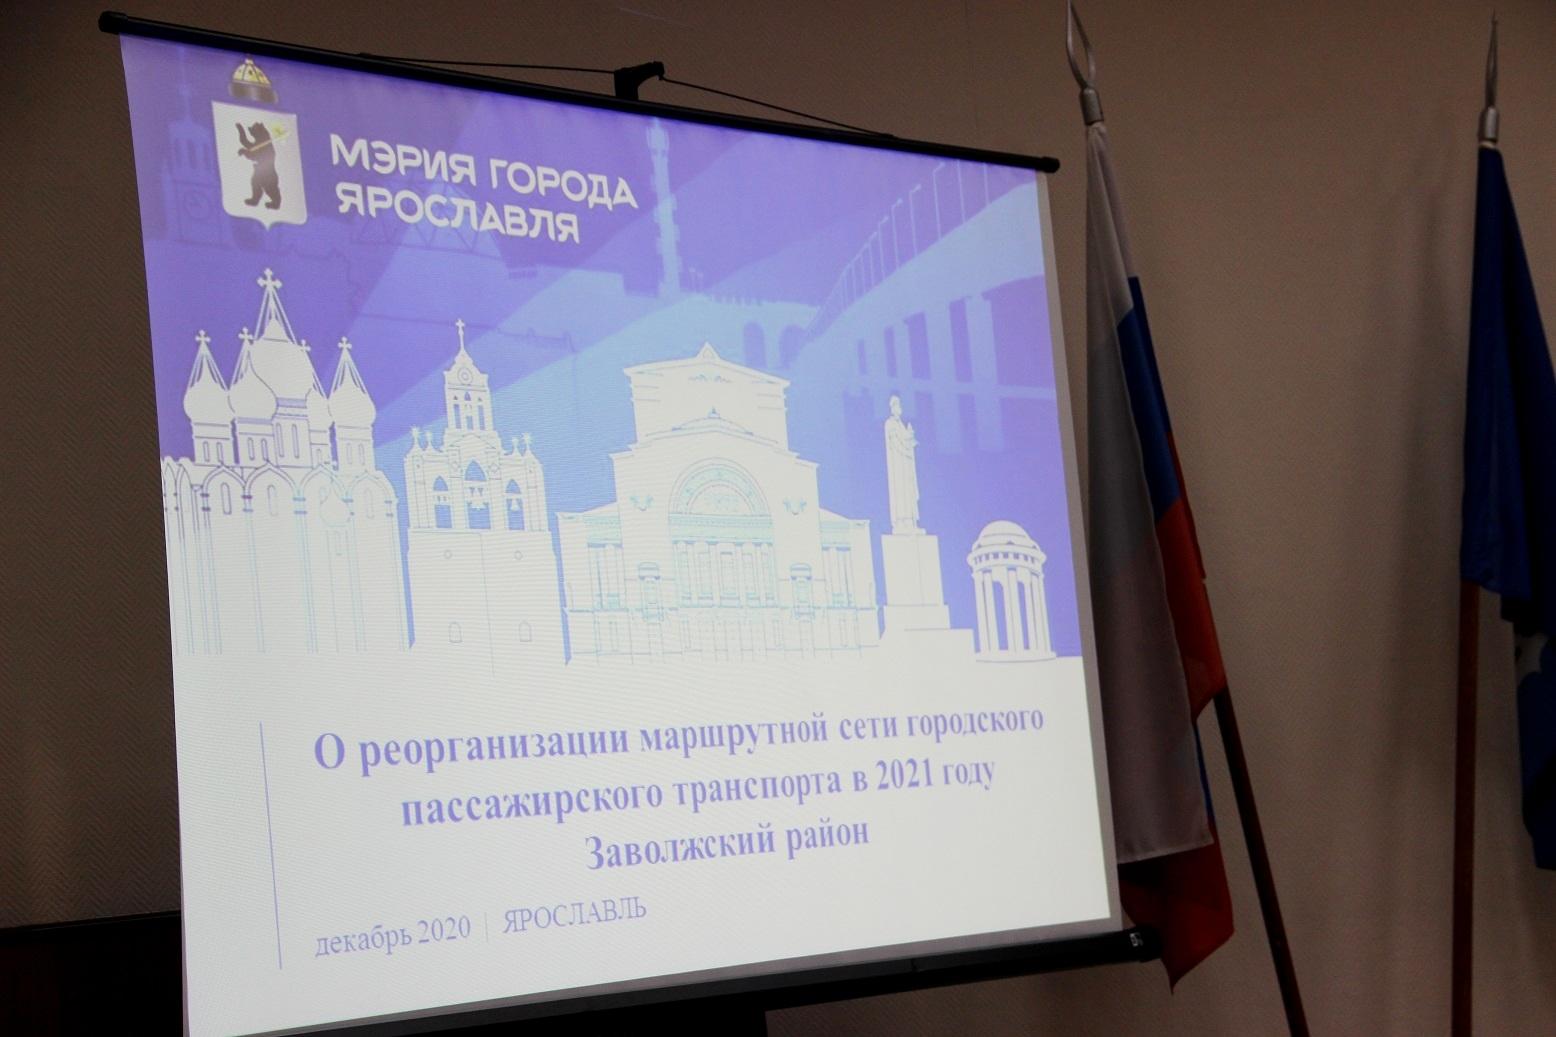 Сказка о транспортной реформе в Ярославле (фоторепортаж)